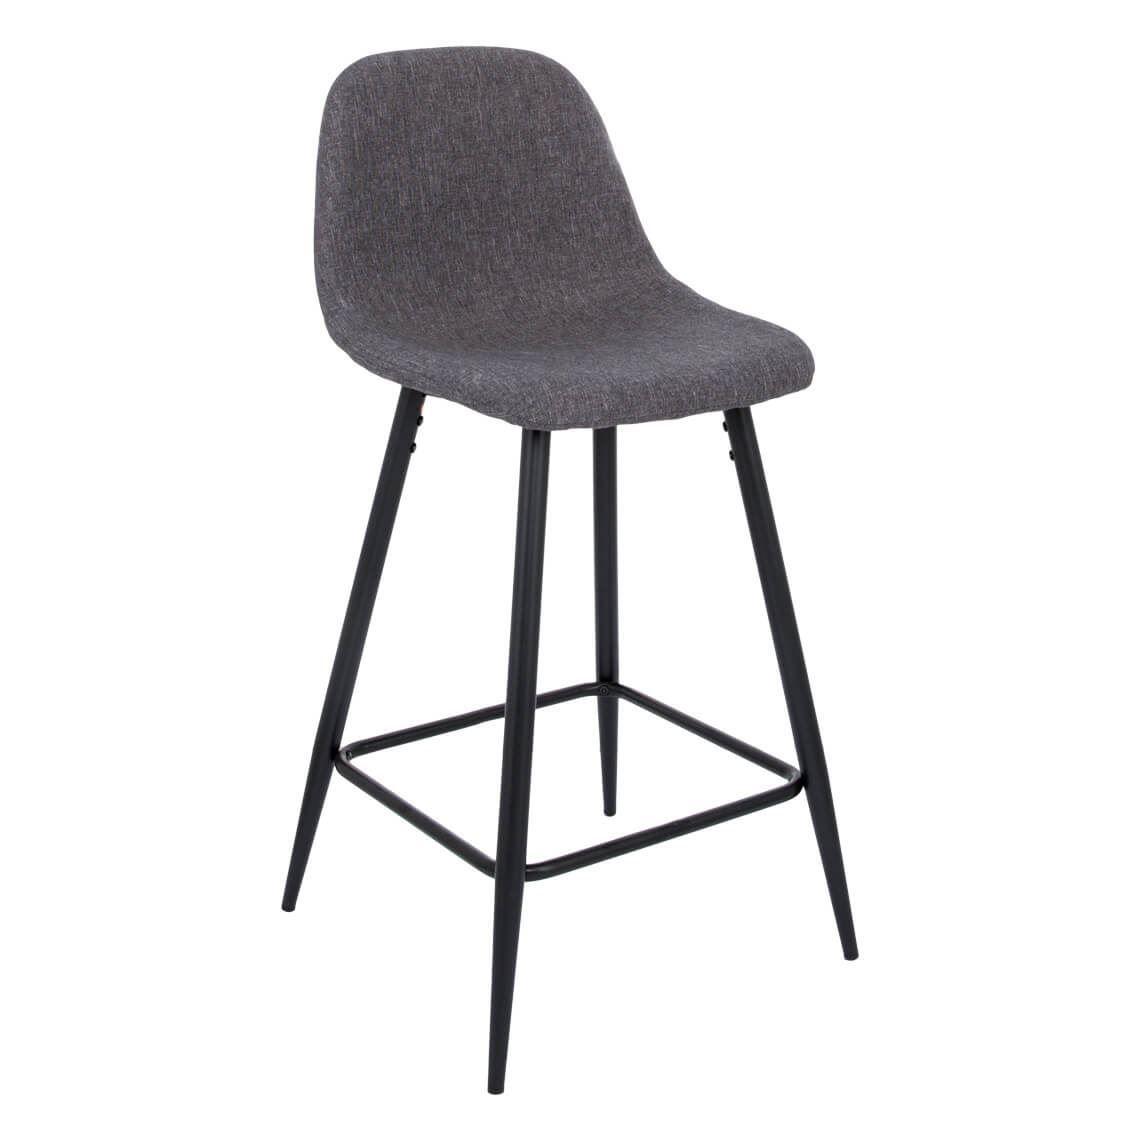 Charlton Bar Stool, Charcoal   Bar stools, Counter stools, Stool